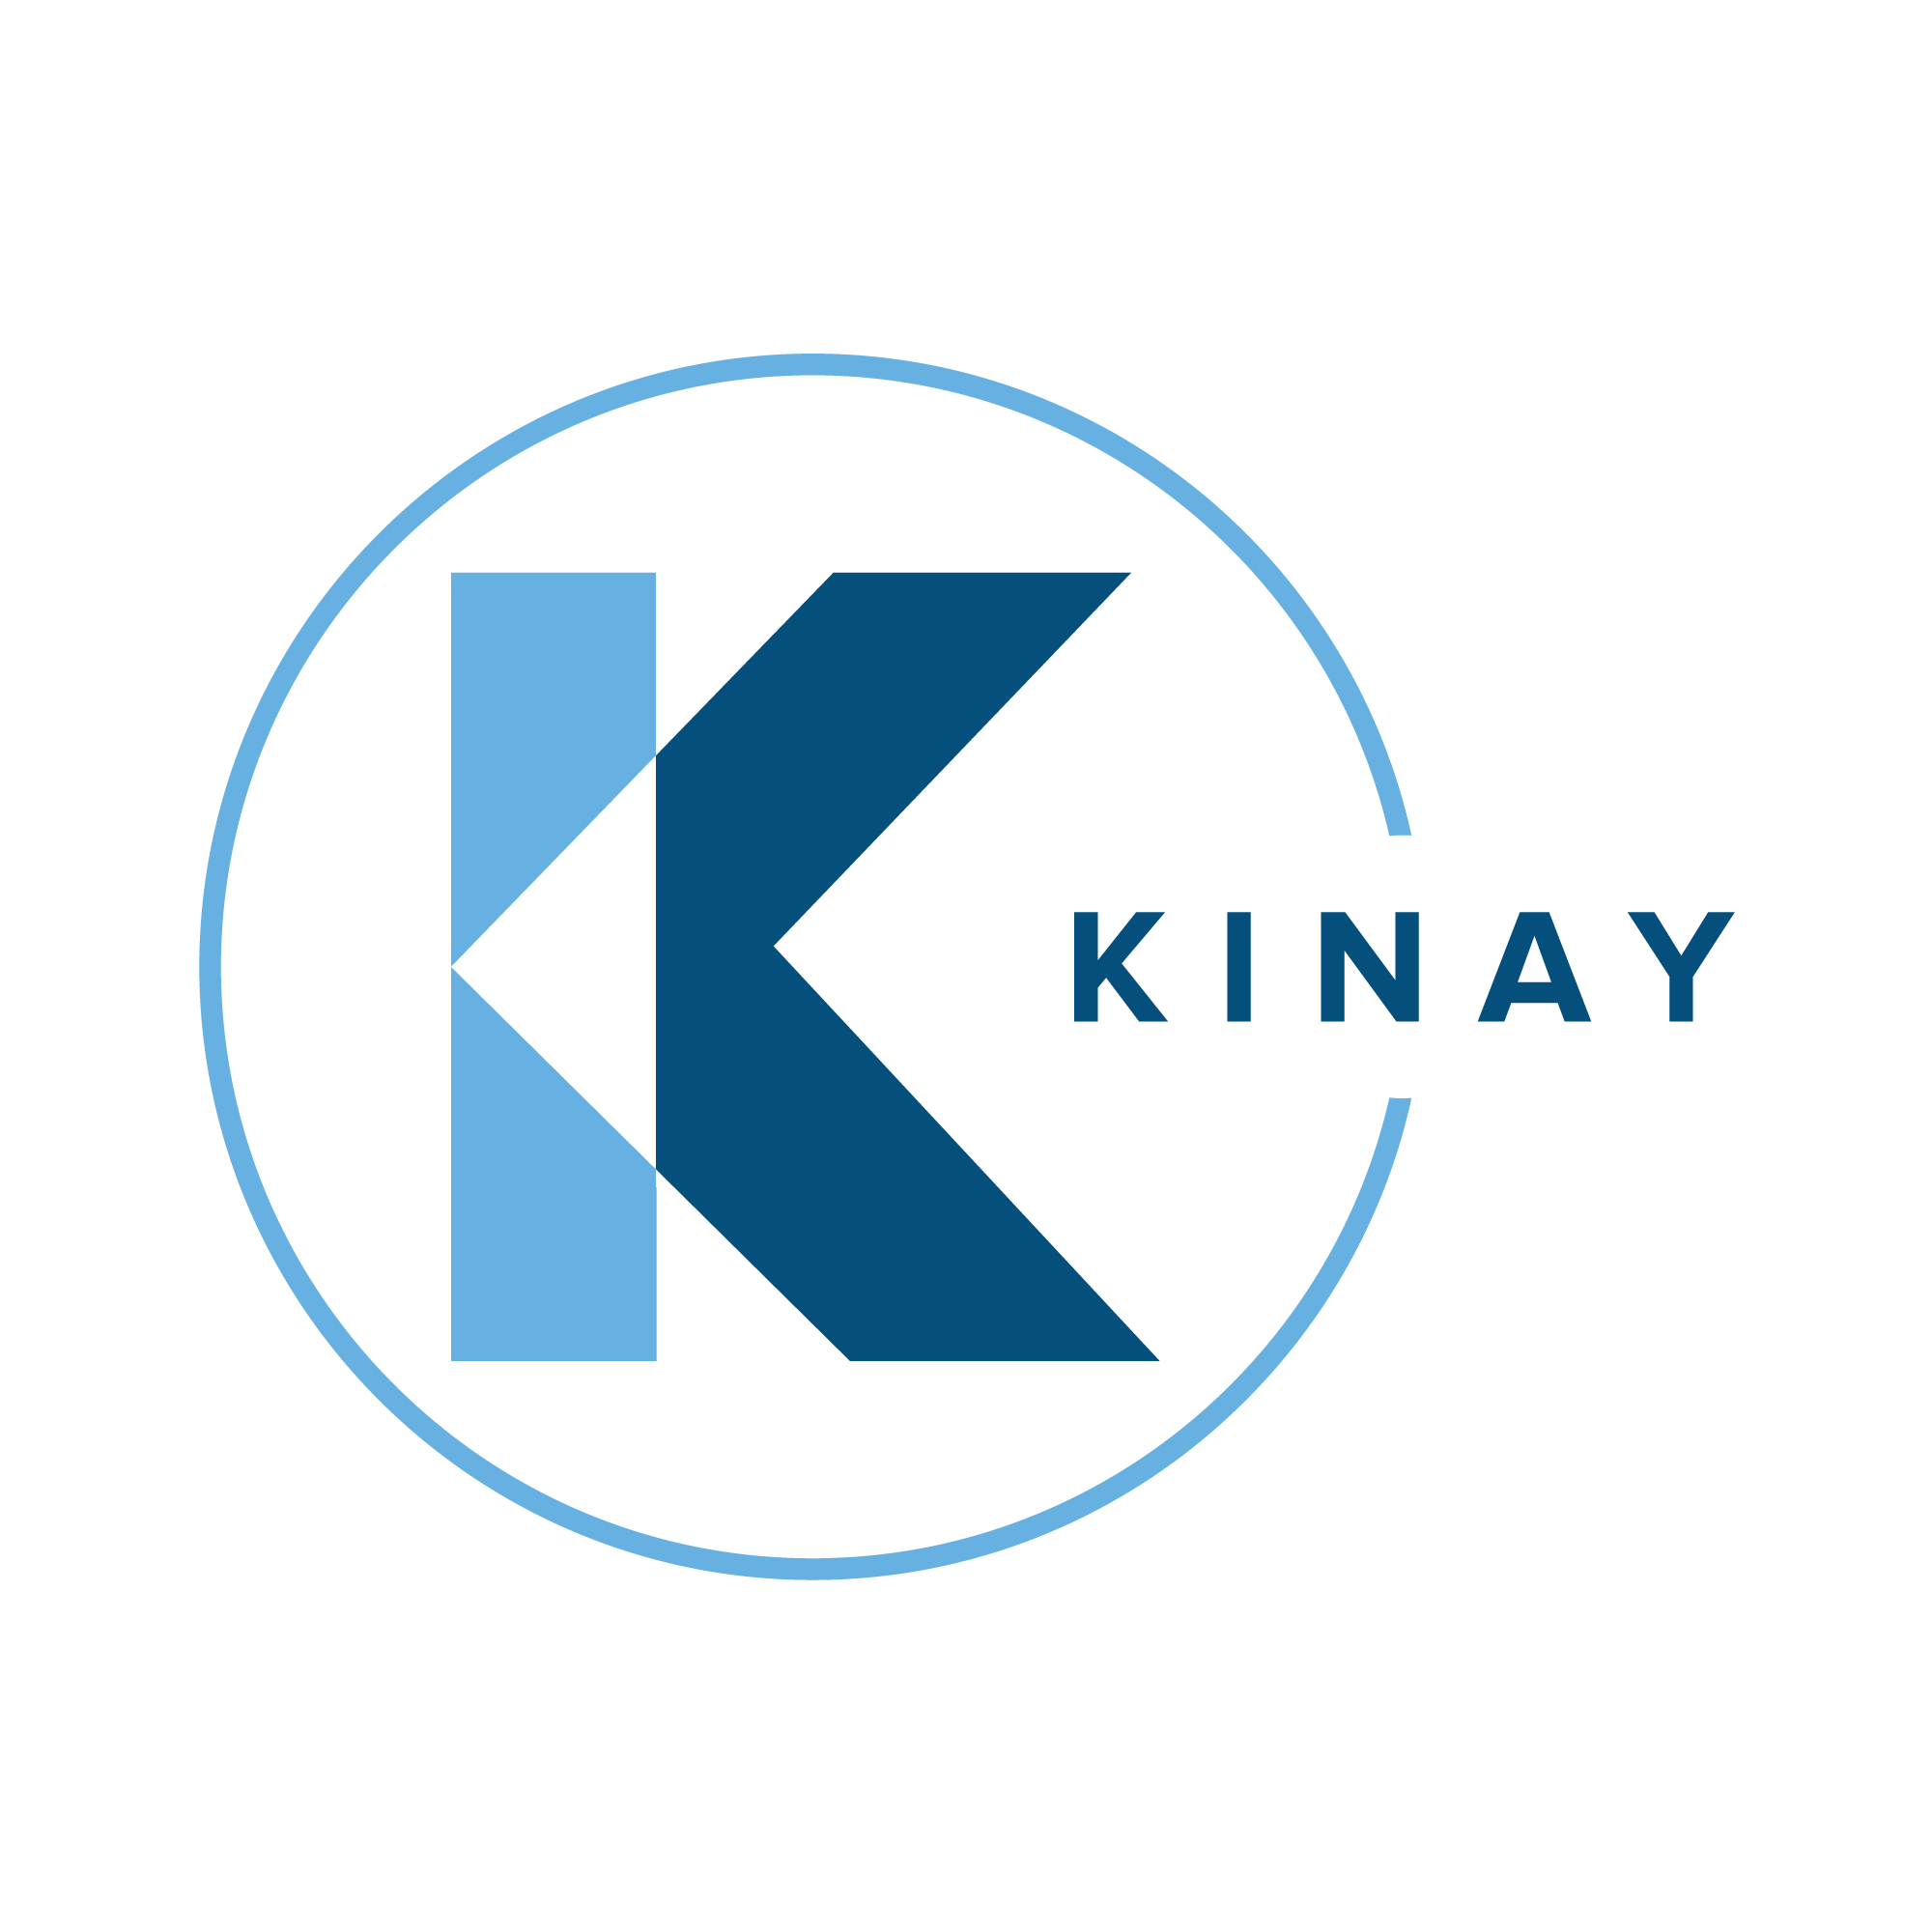 KTL partner logo